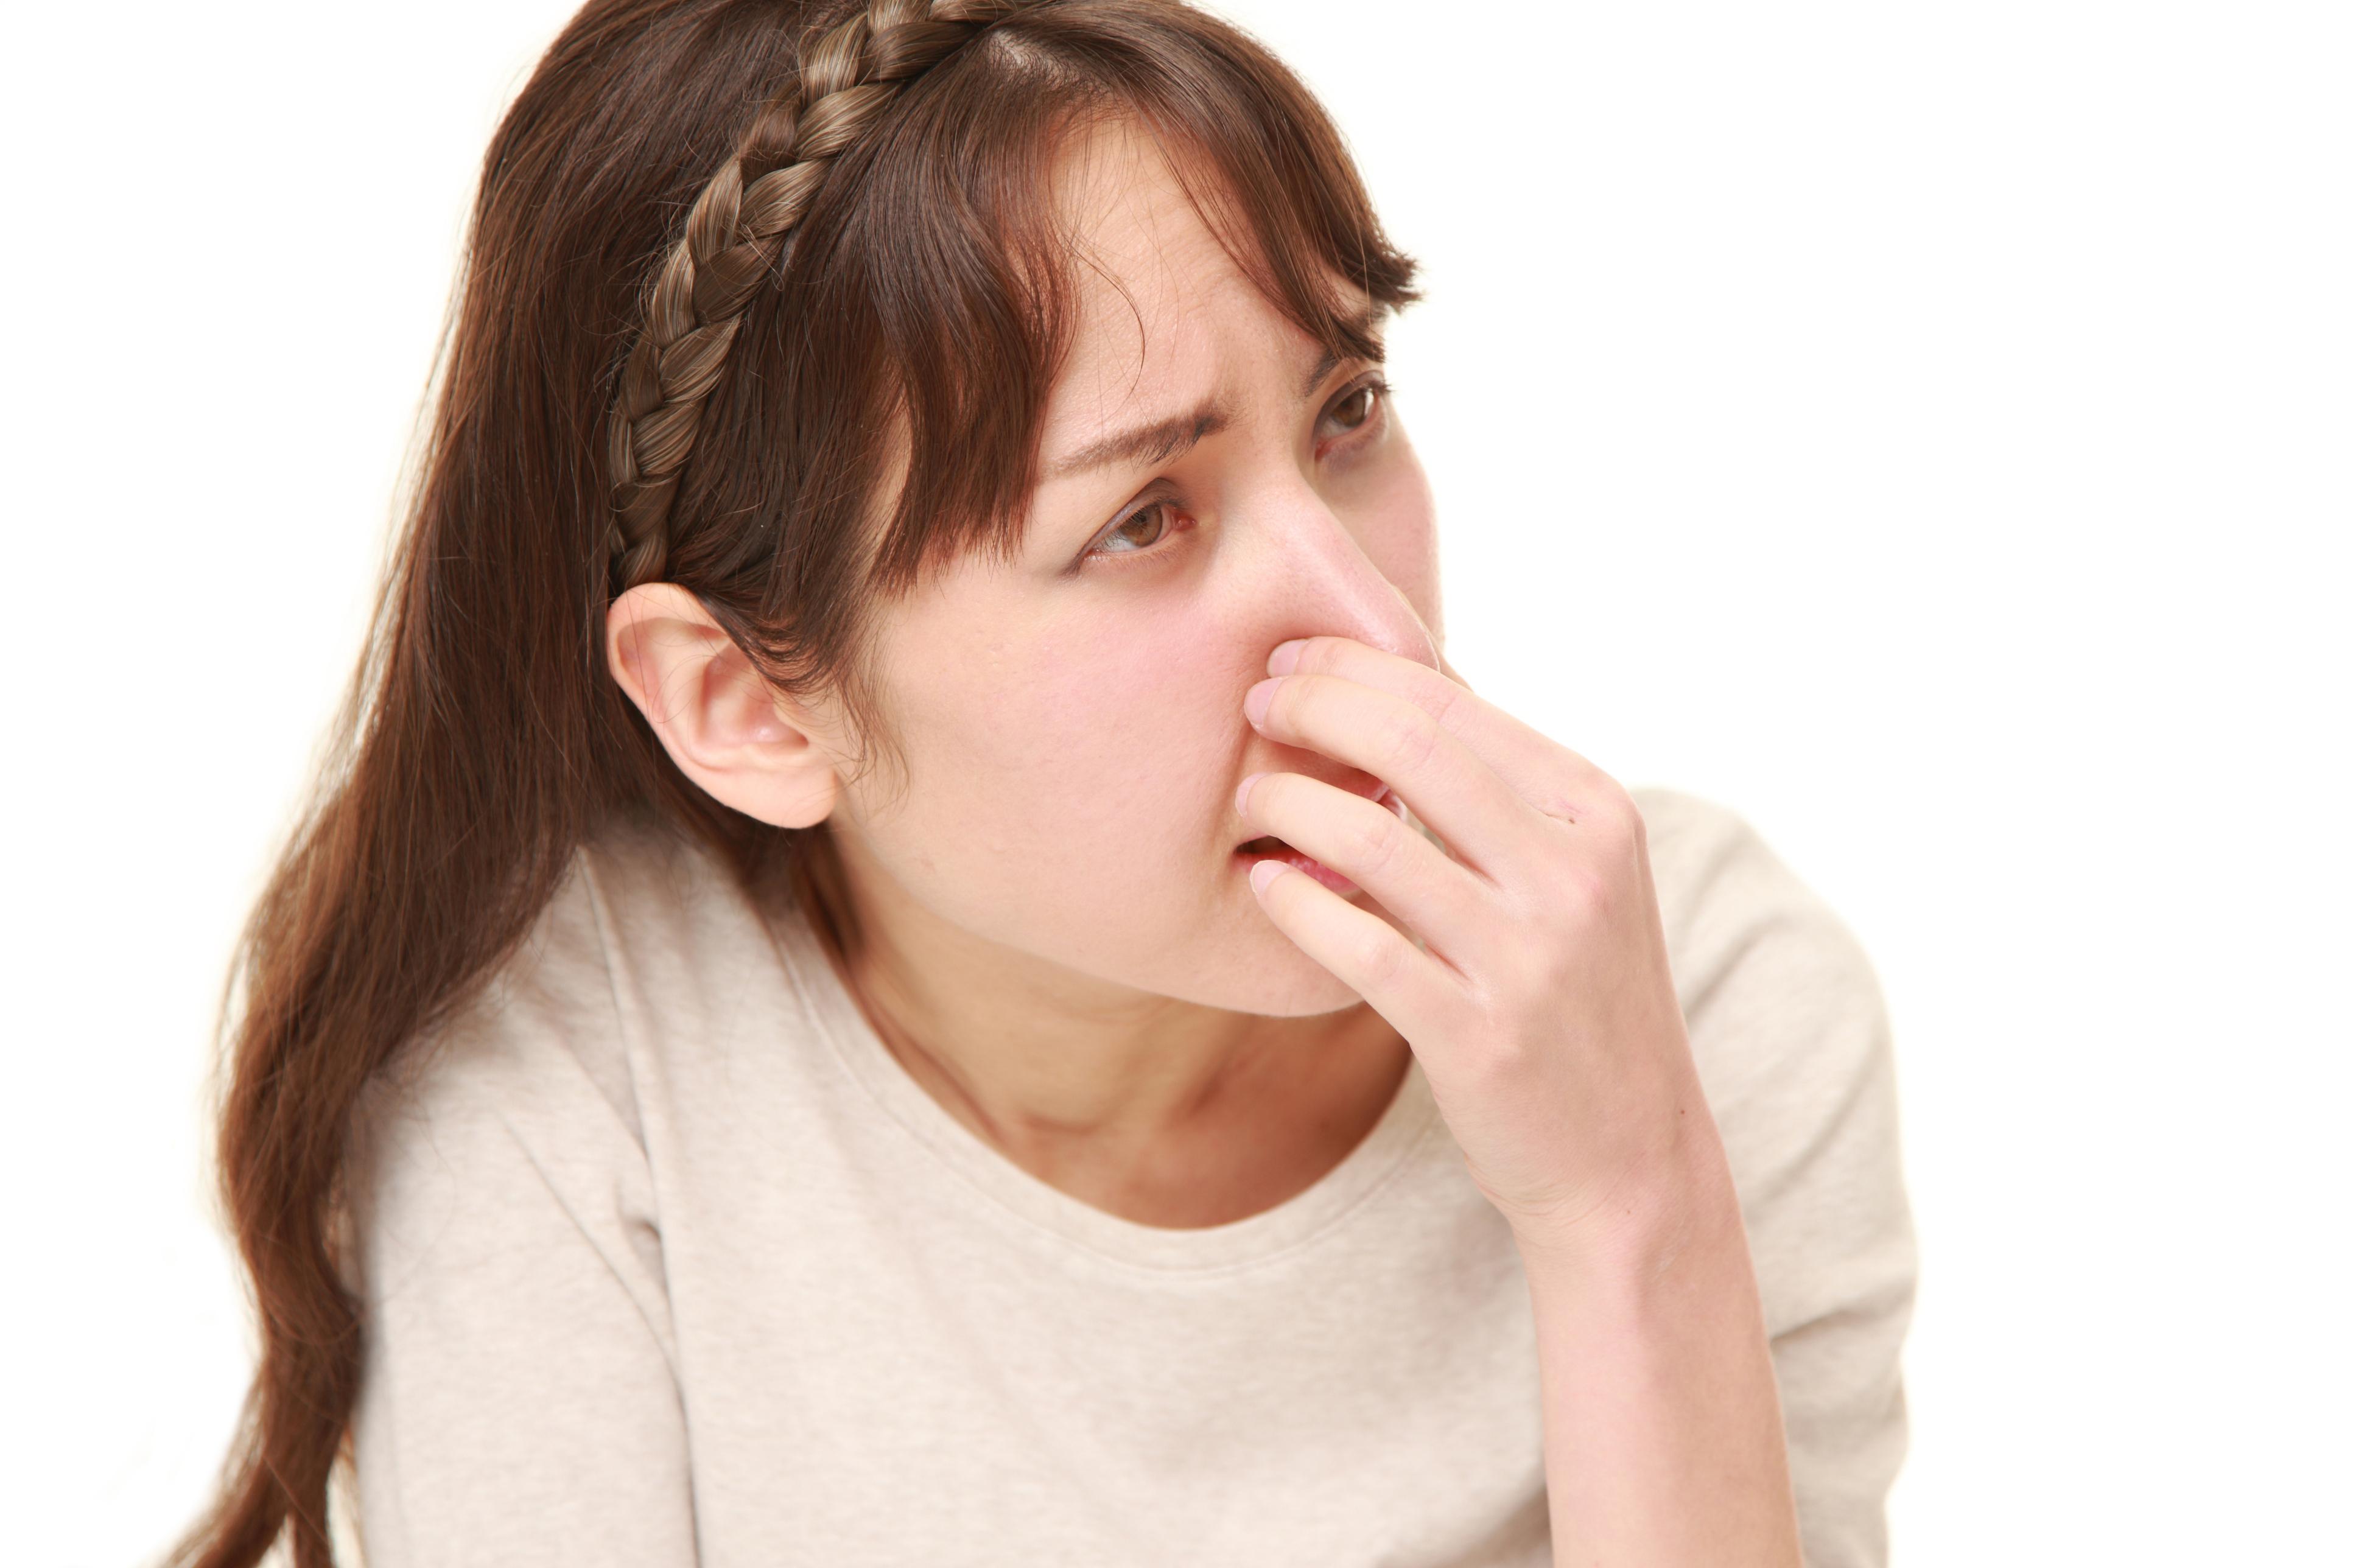 nagyon rossz szagom van)